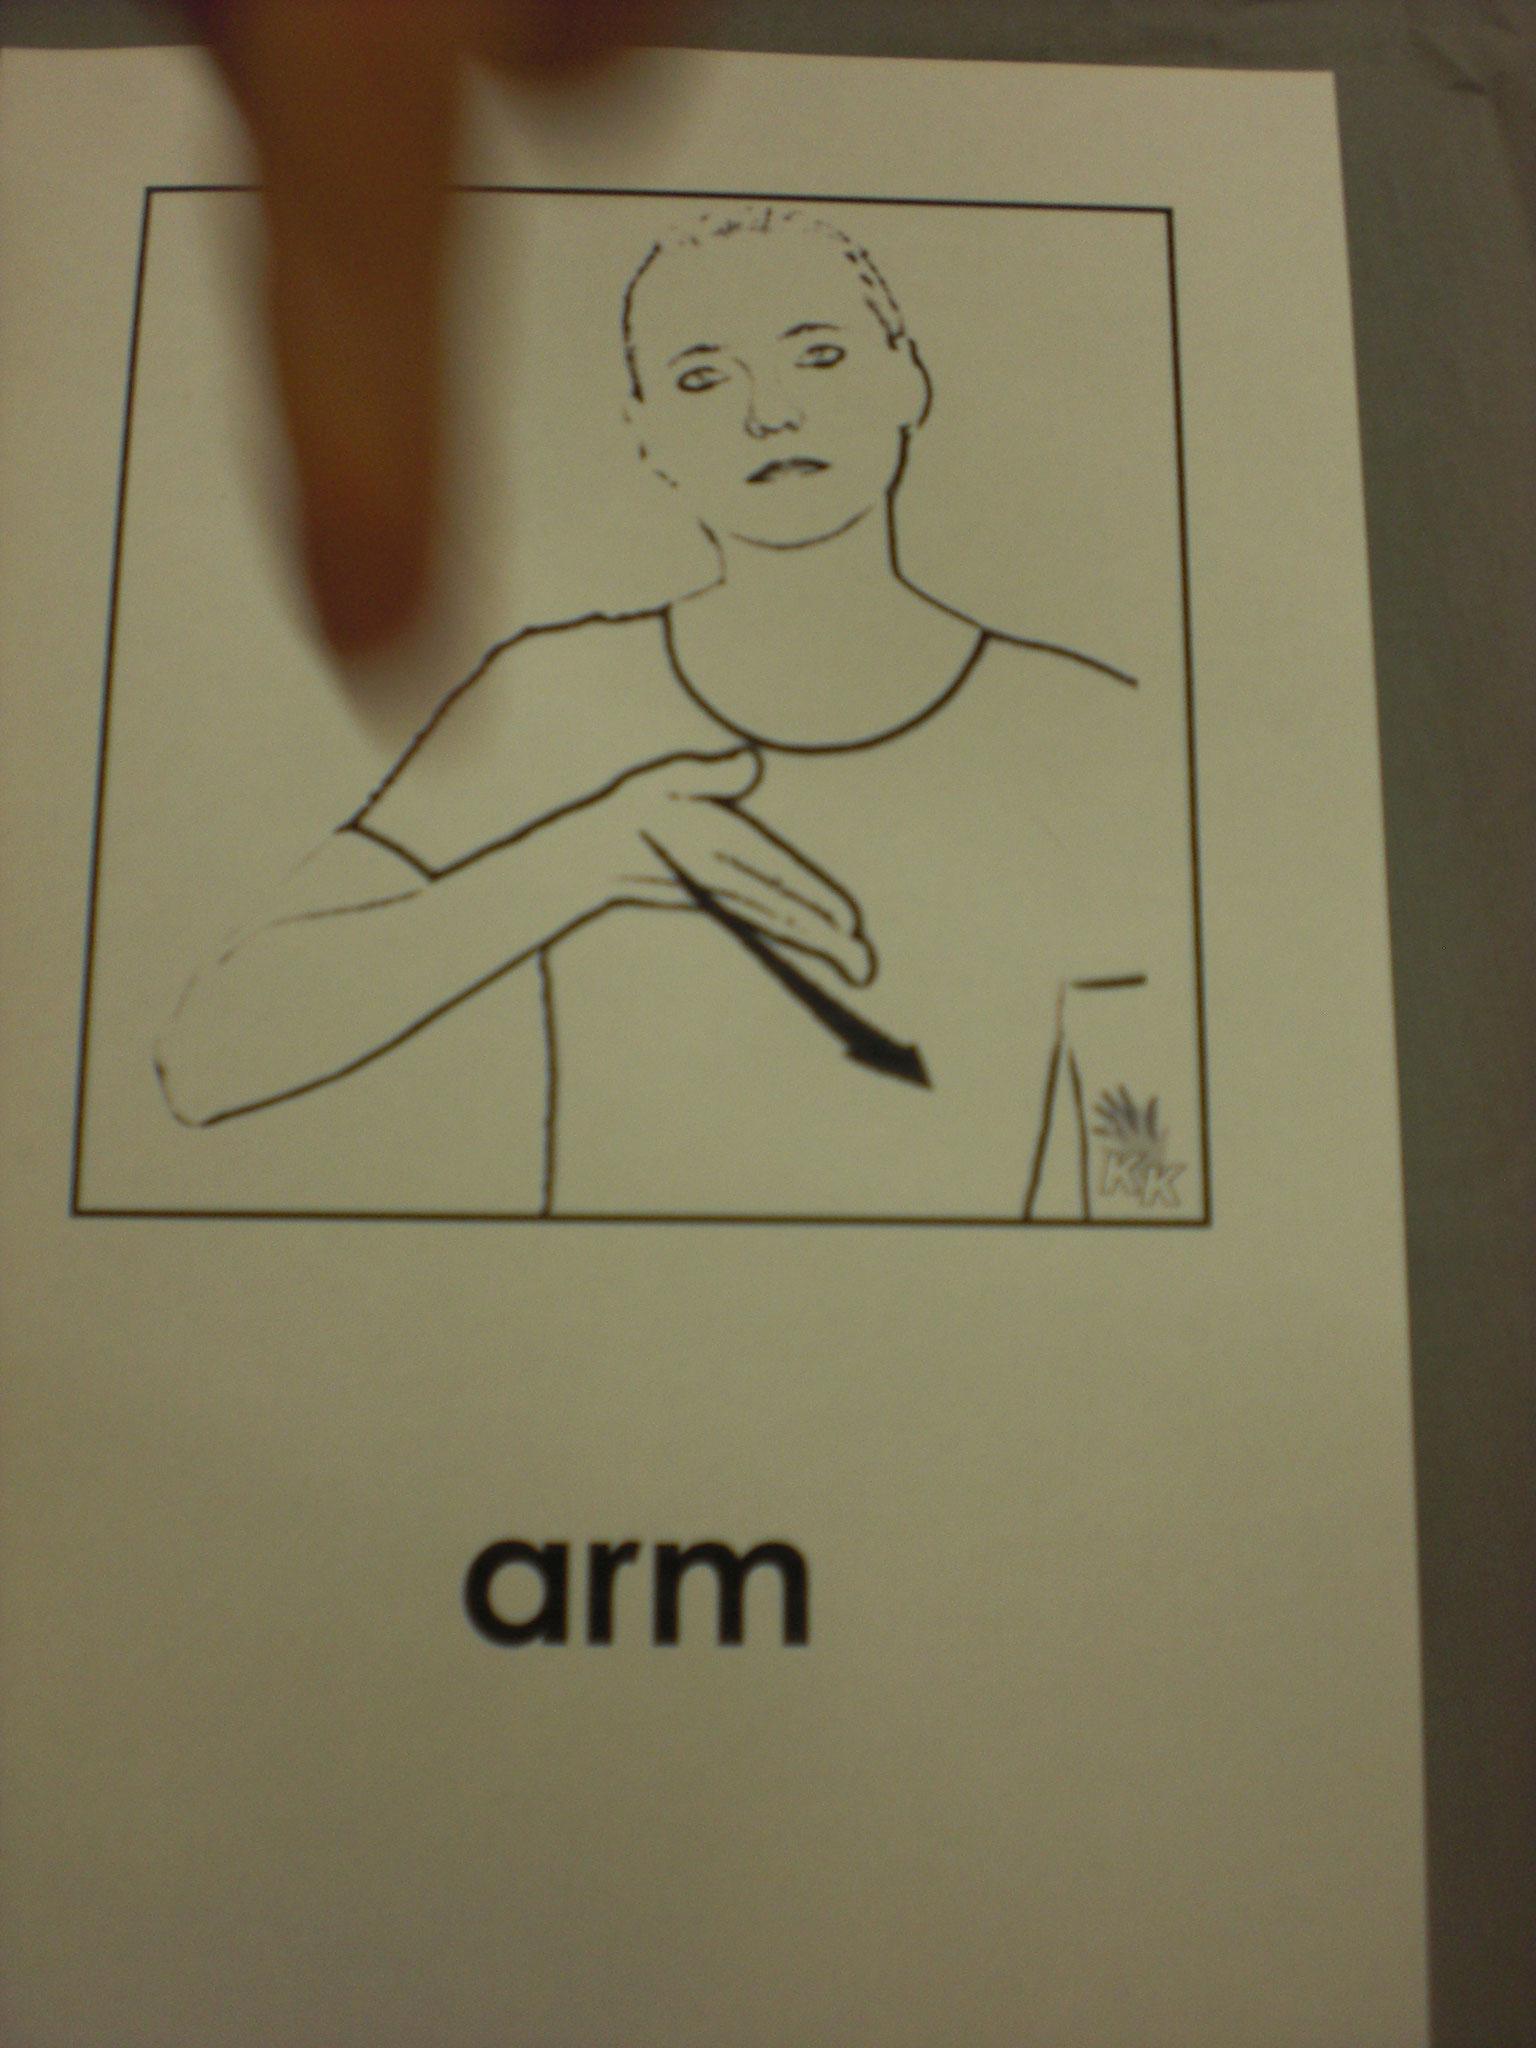 """Gebärde """"arm"""""""